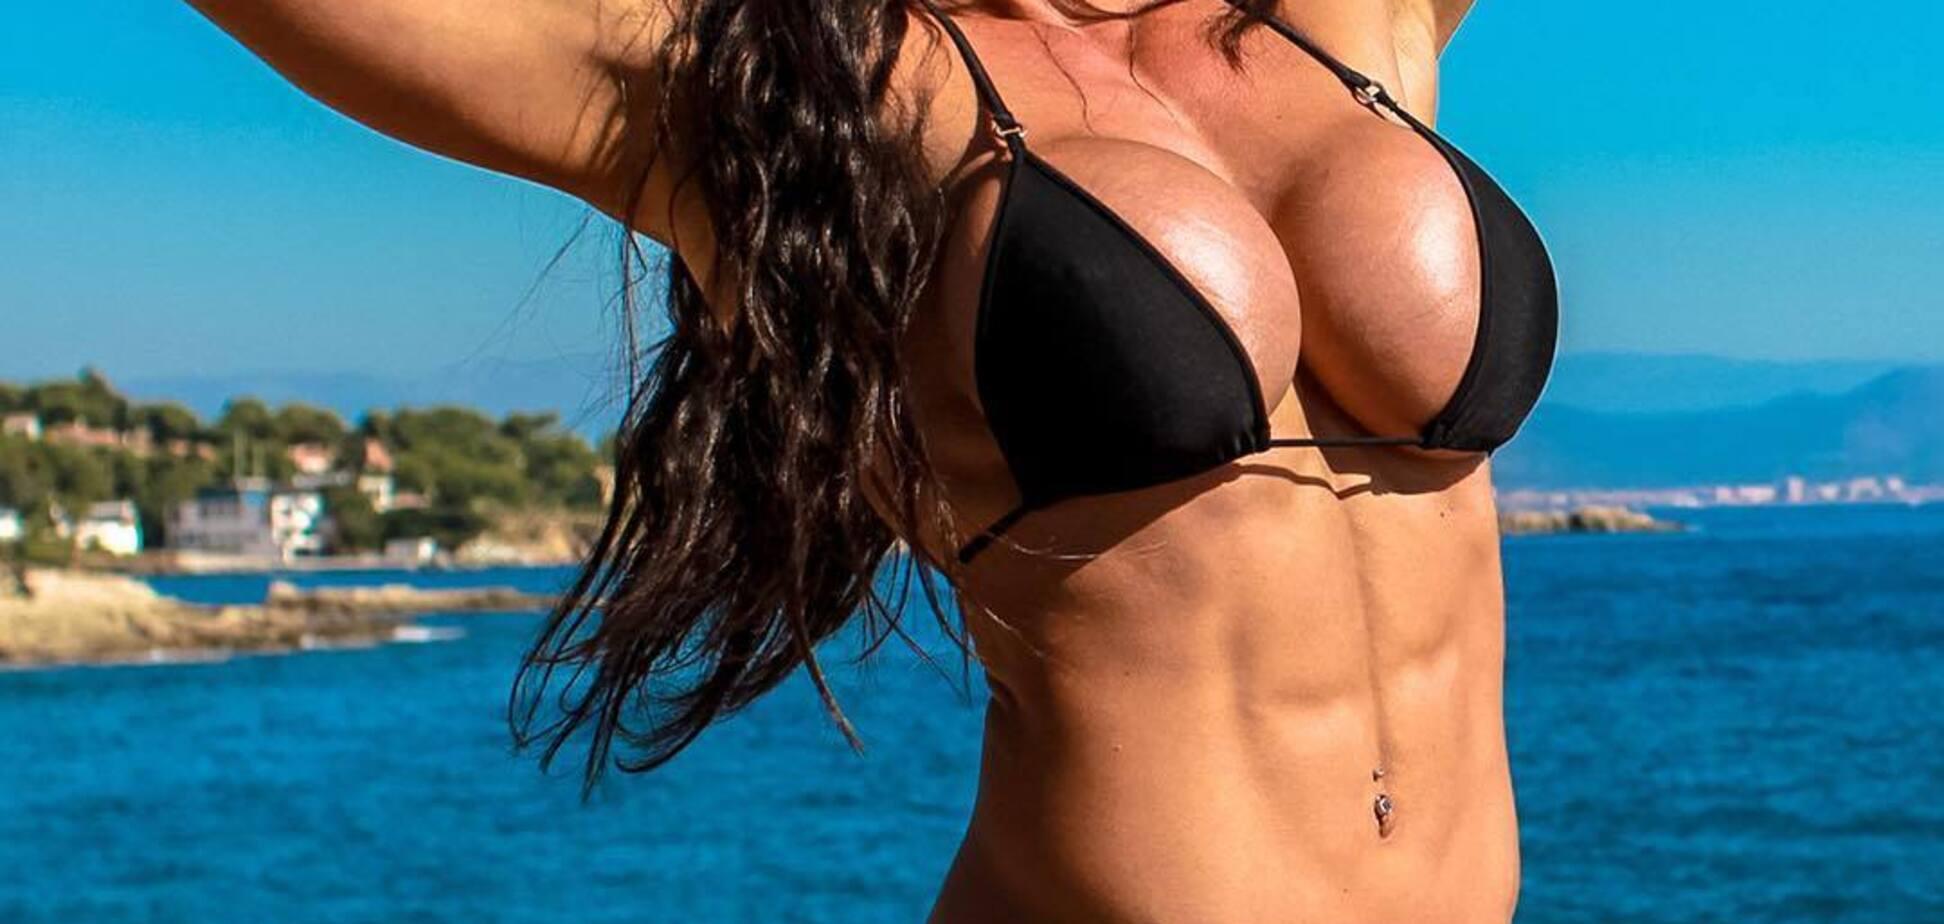 Знаменитая фитнес-модель с огромной грудью снялась обнаженной